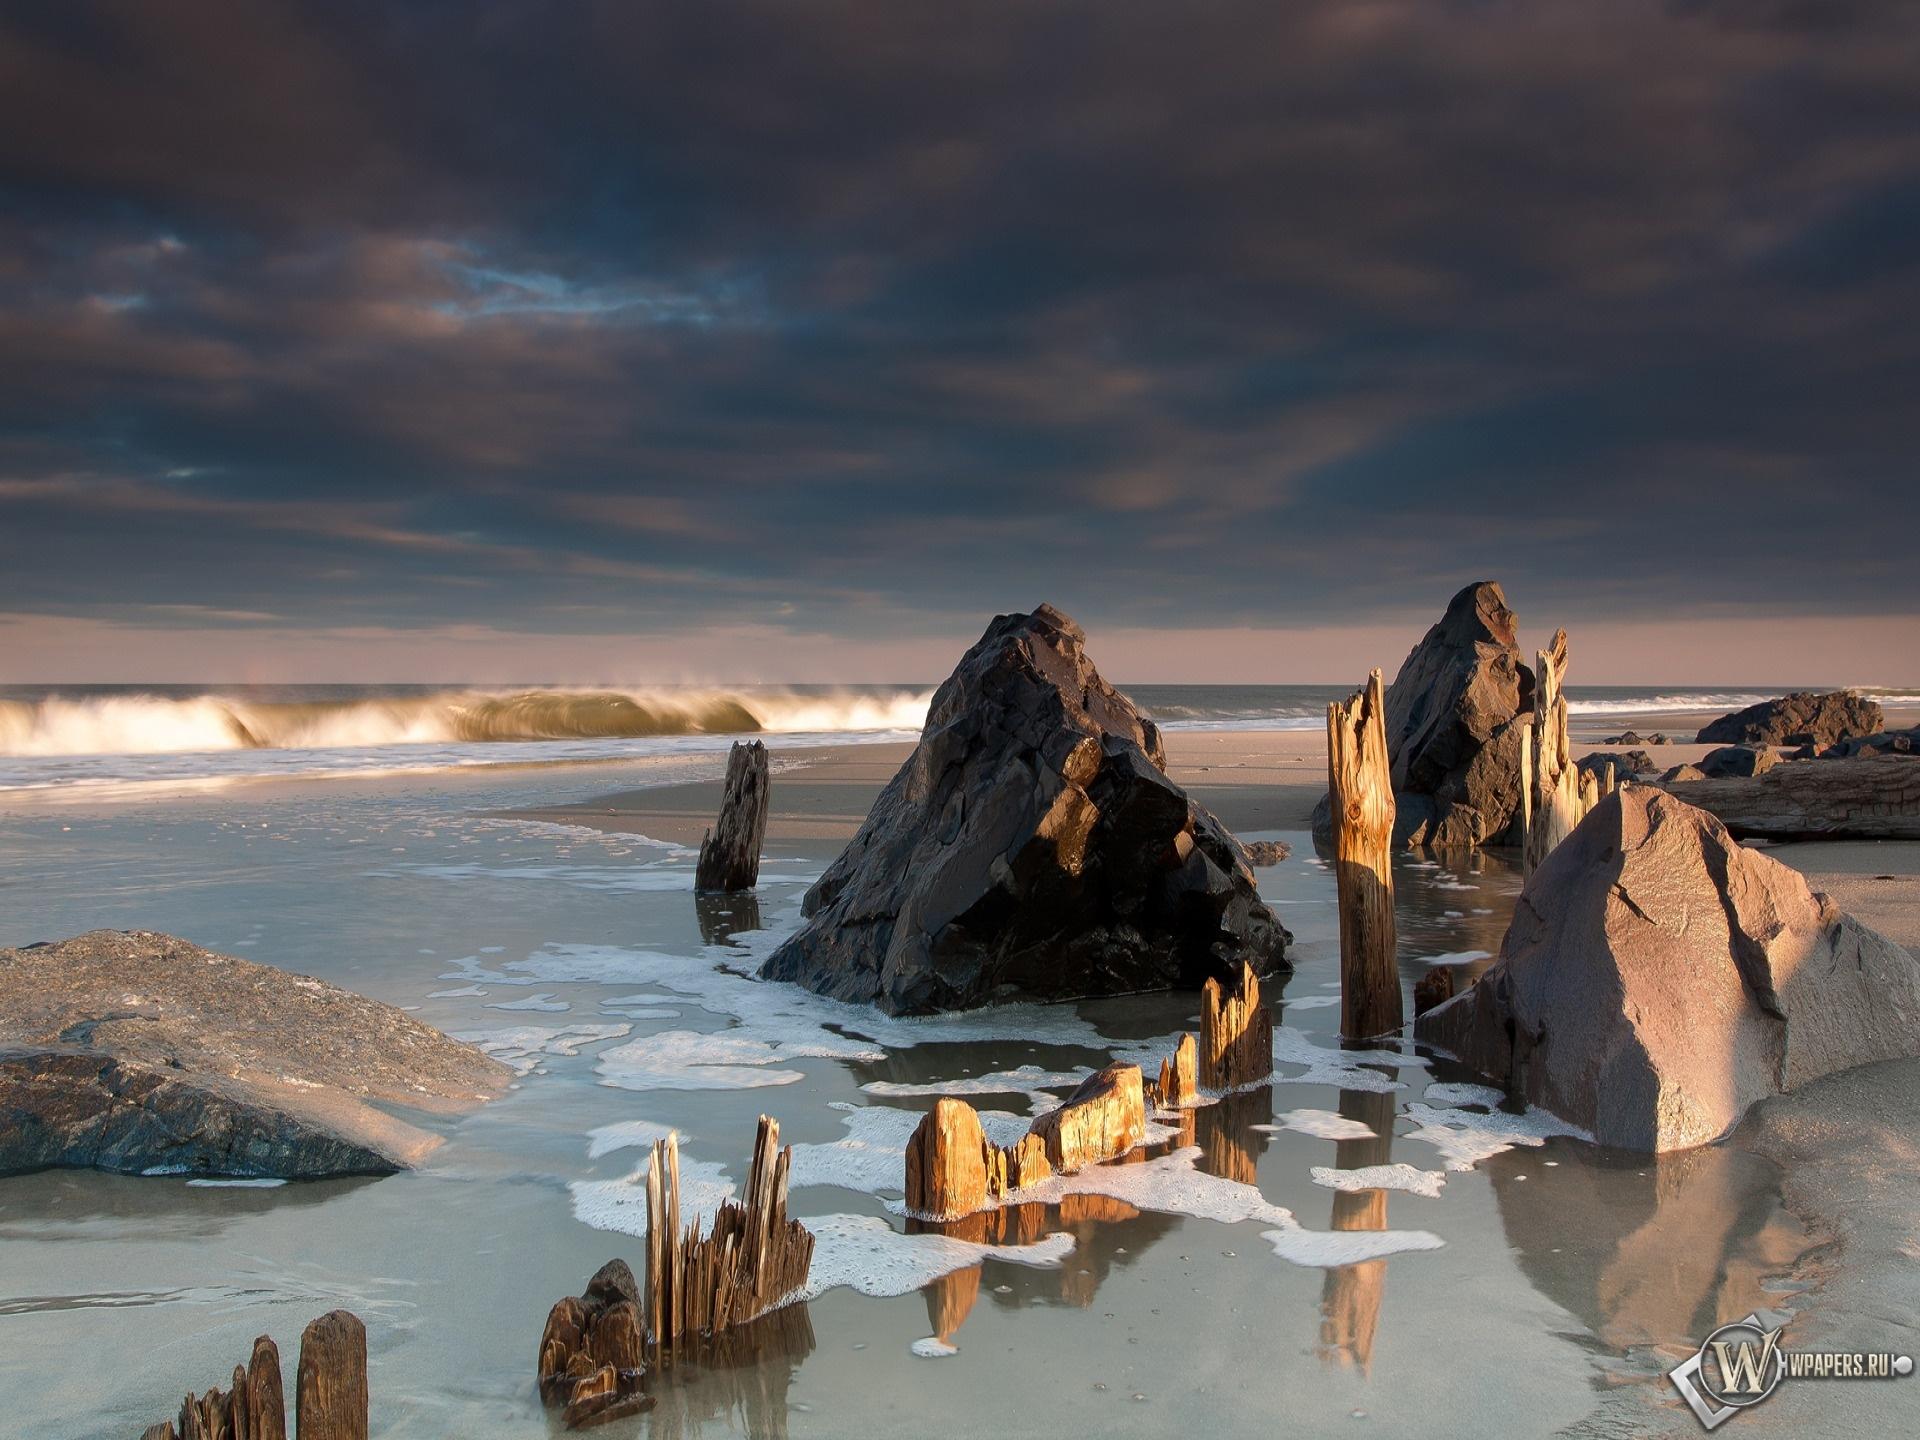 Морской пляж 1920x1440